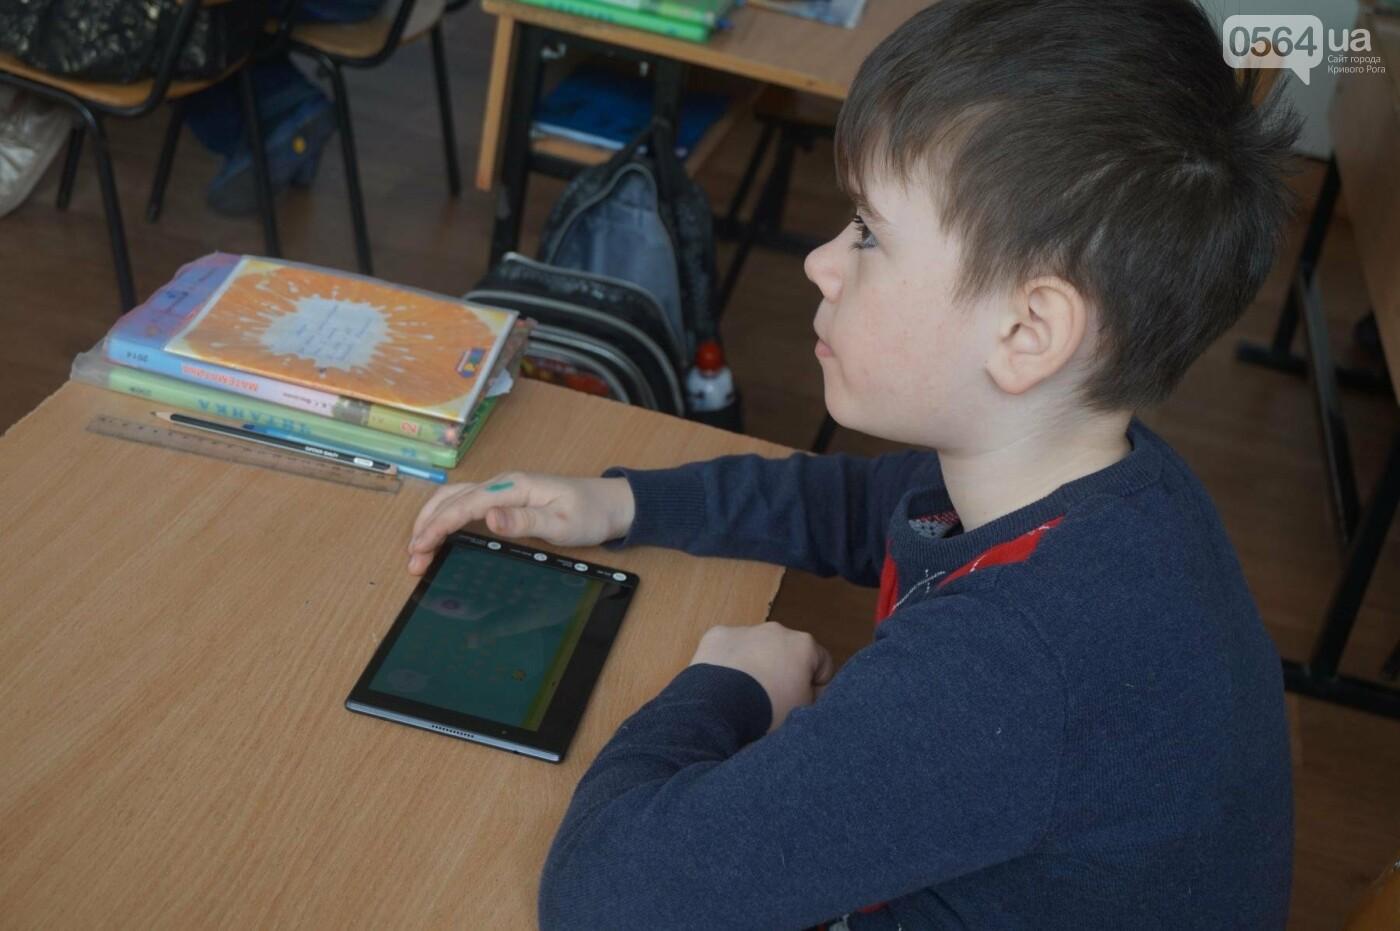 Приближаясь к Европе: Как в школах Кривого Рога внедряют инклюзию (ФОТО), фото-10